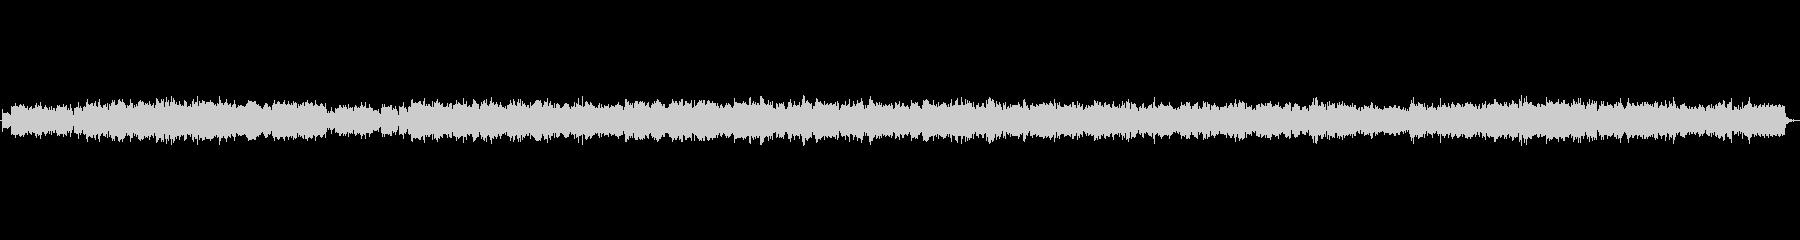 子供の放課後の雰囲気のアコーディオンの曲の未再生の波形